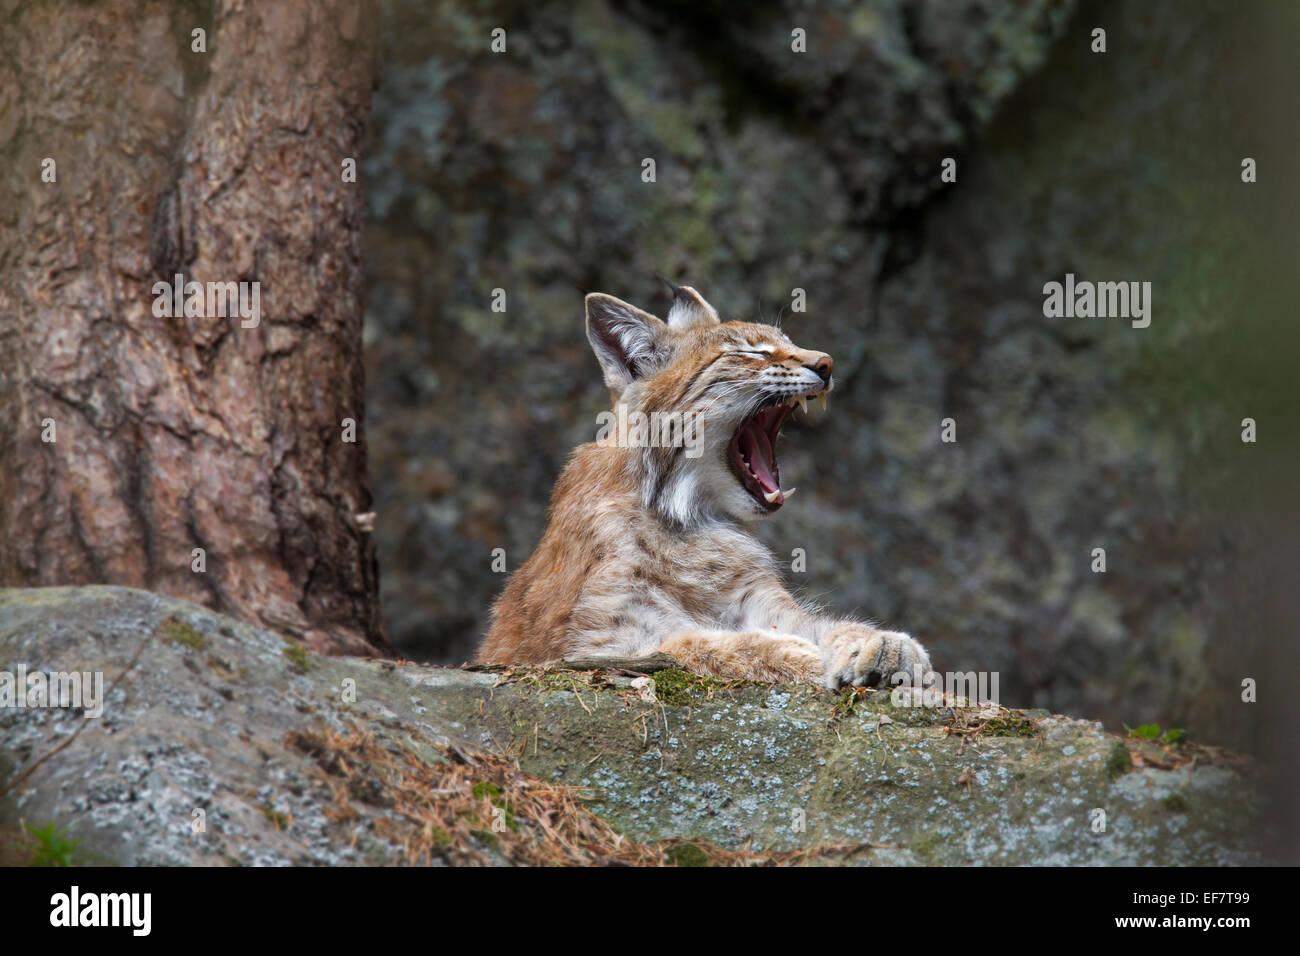 European lynx / Eurasian lynx (Lynx lynx) waking up and yawning - Stock Image